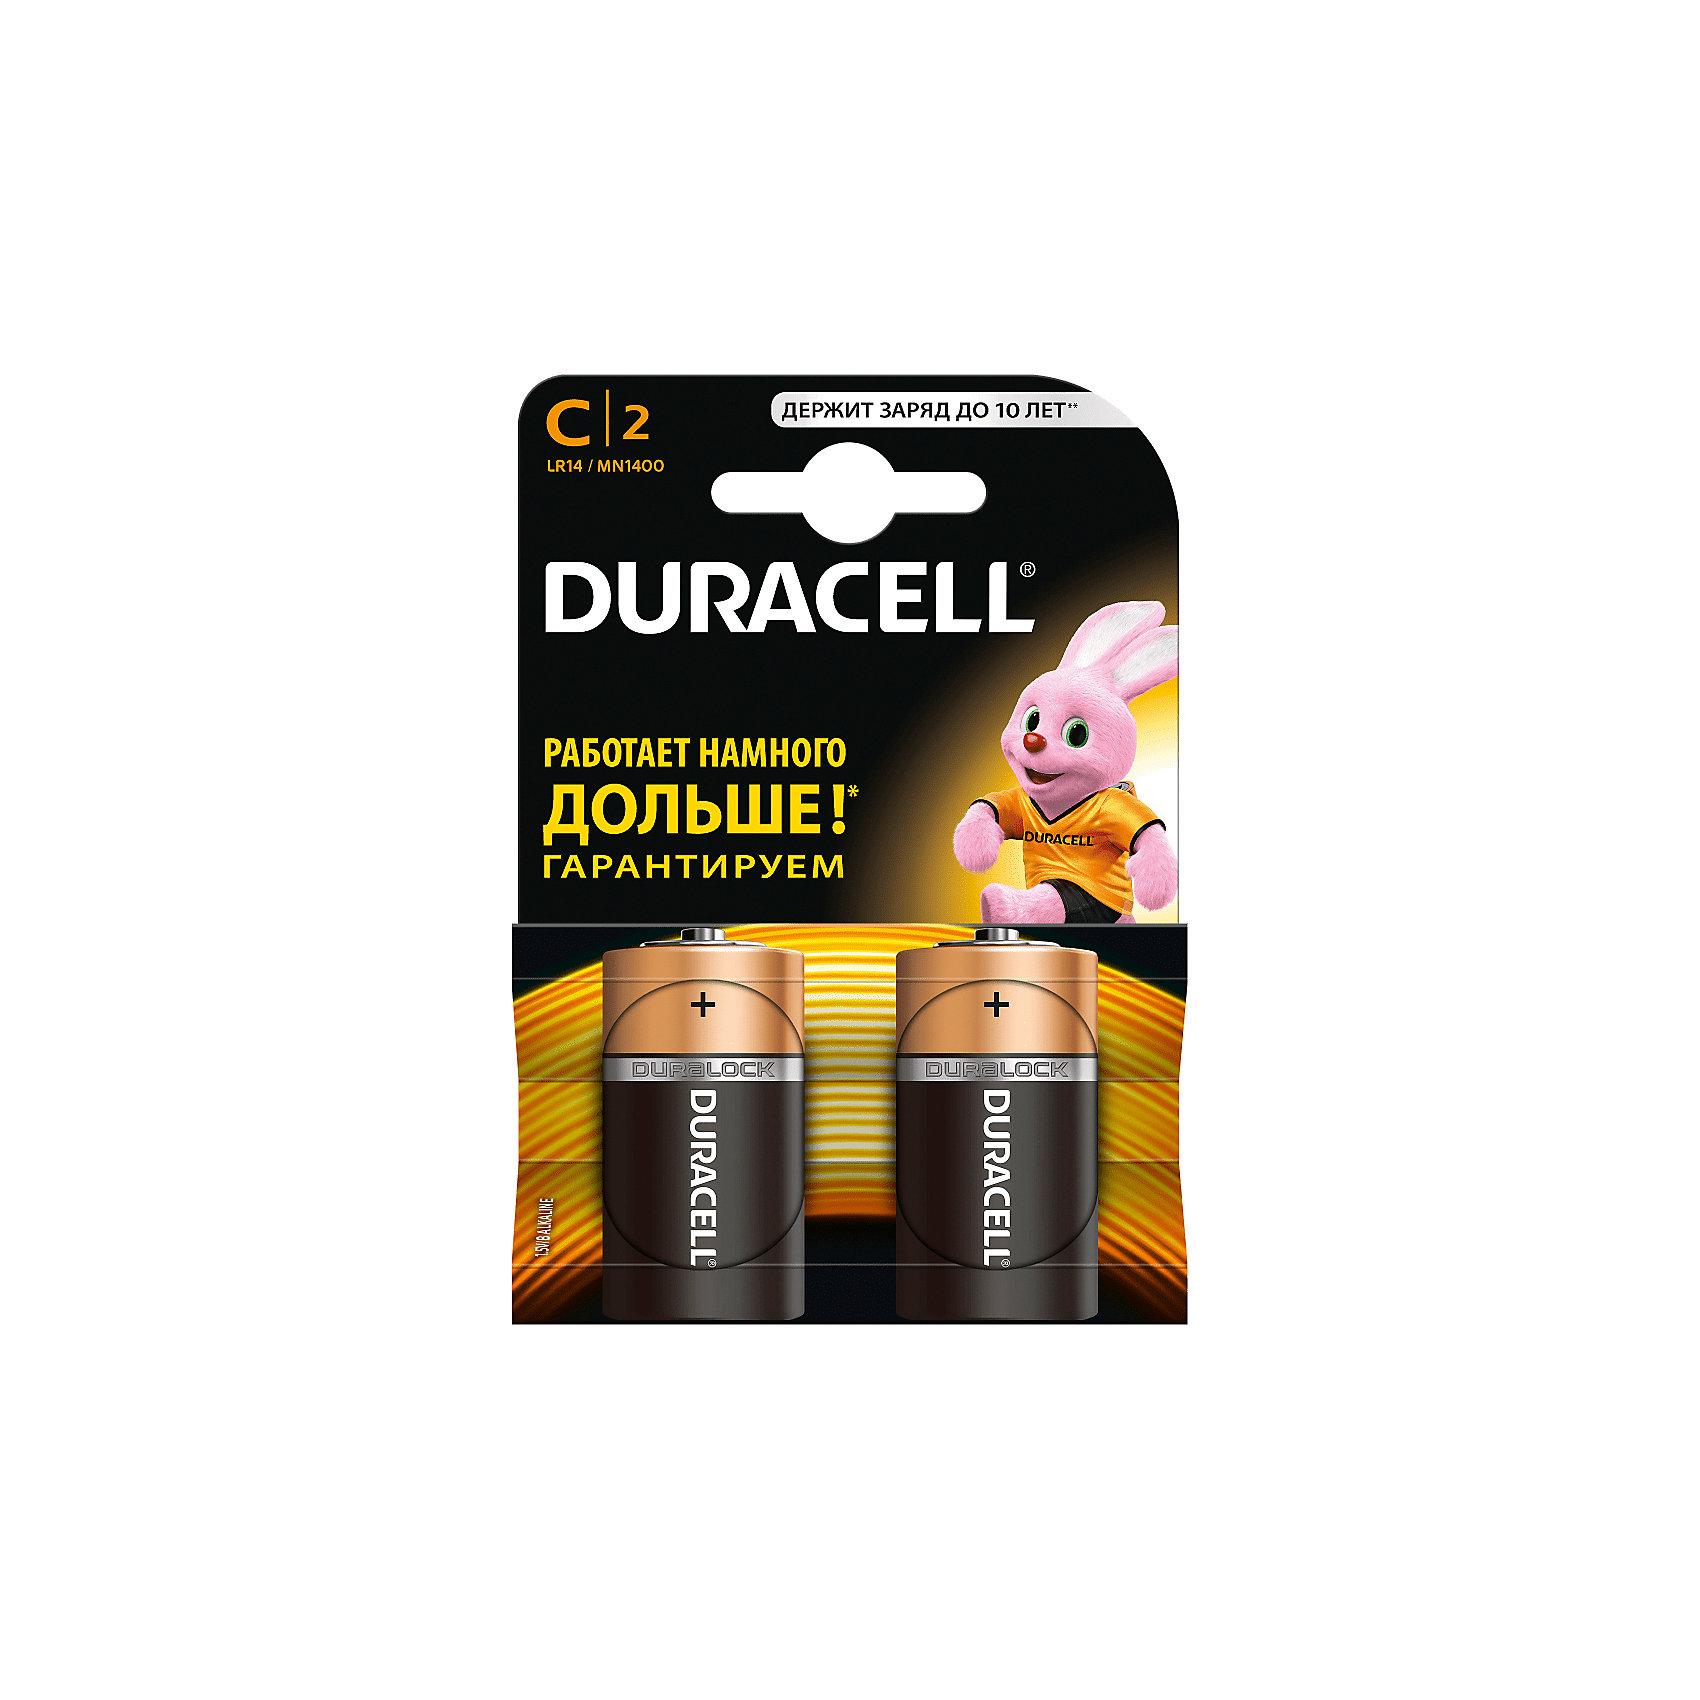 Батарейки алкалиновые Basic 1.5V LR14, тип AA, 2шт., DURACELLДетская электроника<br>Характеристики:<br><br>• Тип электролита: алкалиновые<br>• Тип по питанию: АА <br>• Комплектация: 2 батарейки<br>• Вес в упаковке: 100 г<br>• Размеры упаковки (Д*Ш*В): 17*2,6*2,6 см<br>• Упаковка: картонная коробка с европодвесом <br><br>Батарейки алкалиновые Basic 1.5V LR14, тип AA, 2 шт., DURACELL от всемирно известного торгового бренда DURACELL, который является создателем первой щелочной батарейки. Щелочные батарейки отличаются более длительным сроком службы, повышенной герметичностью, благодаря чему батарейки от  DURACELL не протекают. <br><br>Элементы питания хорошо переносят низкие температуры, сохраняя при этом свои свойства и качества. В наборе предусмотрены две батарейки. Батарейки алкалиновые Basic 1.5V LR14, тип AA, 2 шт., DURACELL – это длительный срок службы и бесперебойность в работе портативных электронных устройств!<br><br>Батарейки алкалиновые Basic 1.5V LR14, тип AA, 2 шт., DURACELL можно купить в нашем интернет-магазине.<br><br>Ширина мм: 50<br>Глубина мм: 26<br>Высота мм: 26<br>Вес г: 100<br>Возраст от месяцев: 60<br>Возраст до месяцев: 1188<br>Пол: Унисекс<br>Возраст: Детский<br>SKU: 5514791